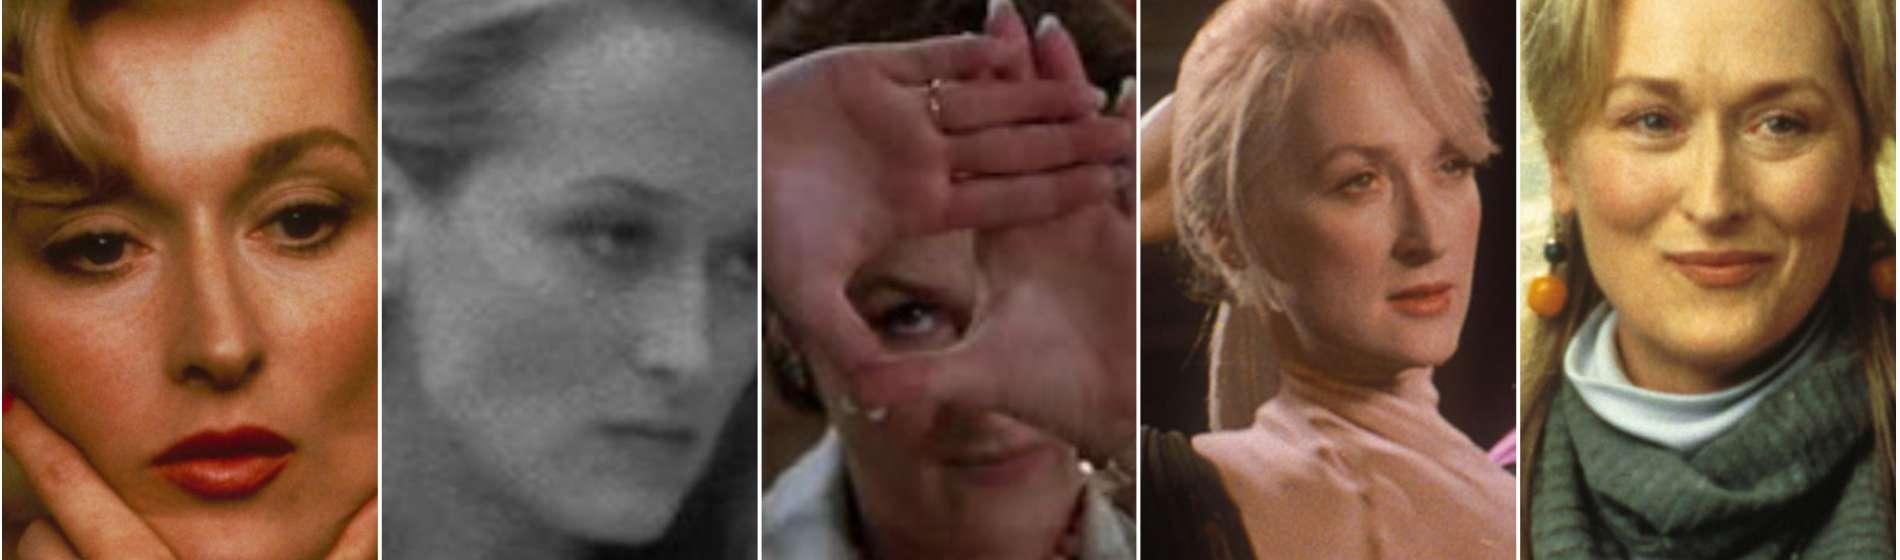 Meryl Streep Photo grid